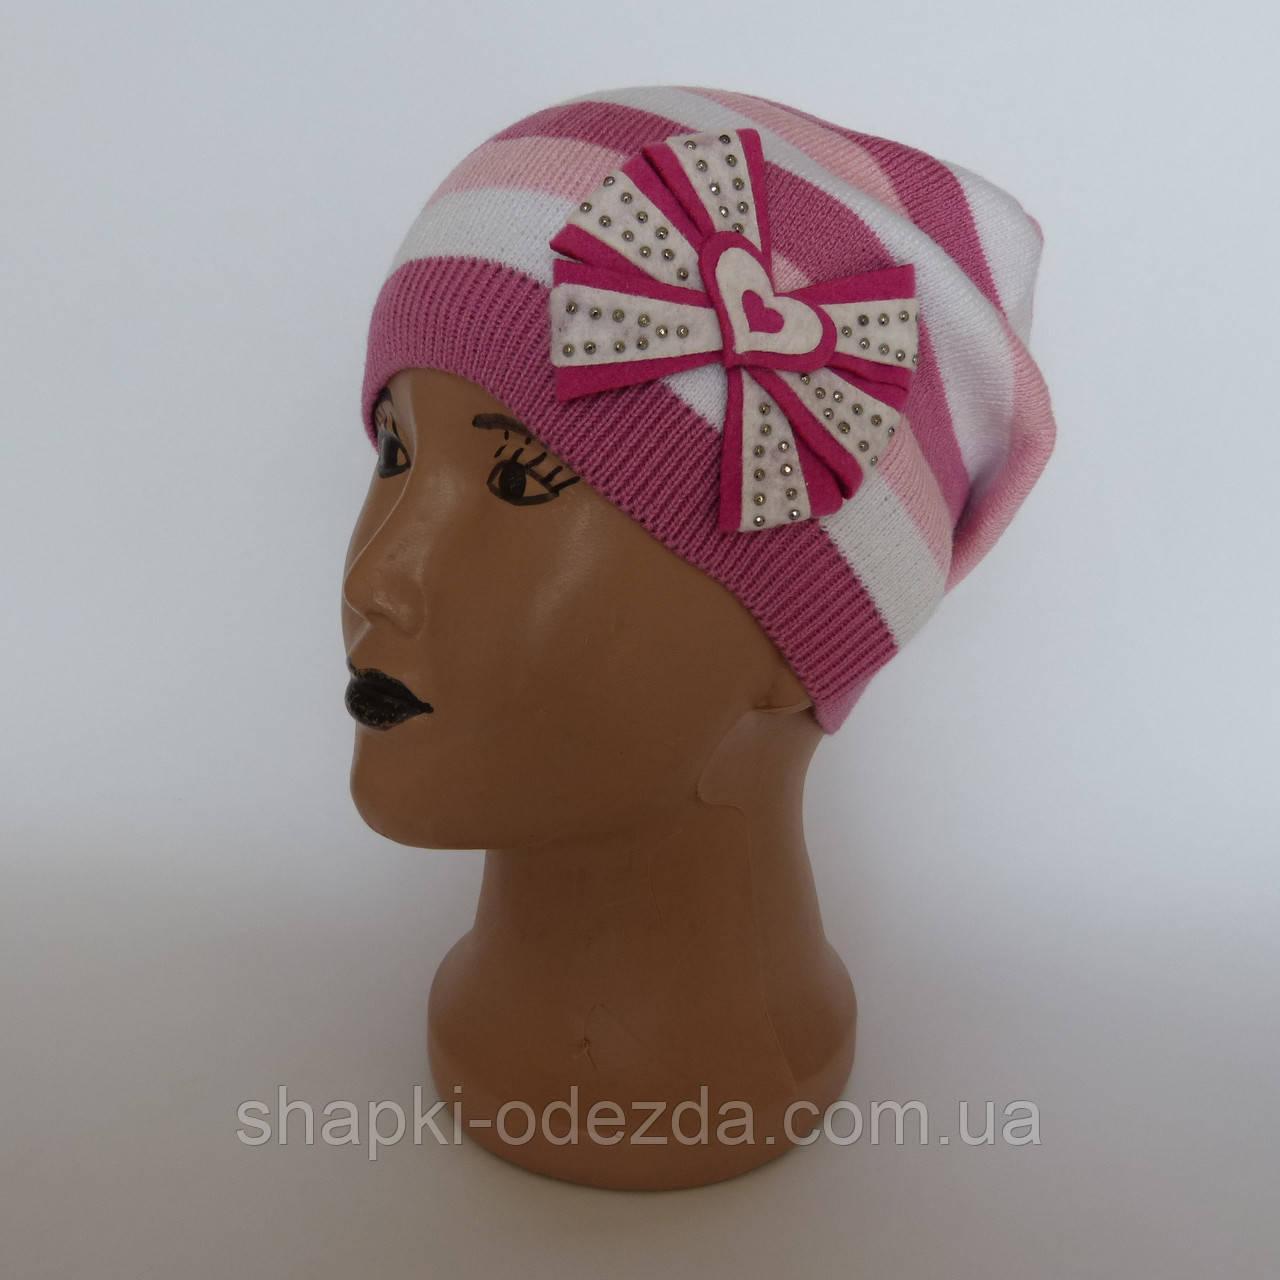 Детская вязаная шапка для девочки в полоску от  4-6 лет оптом